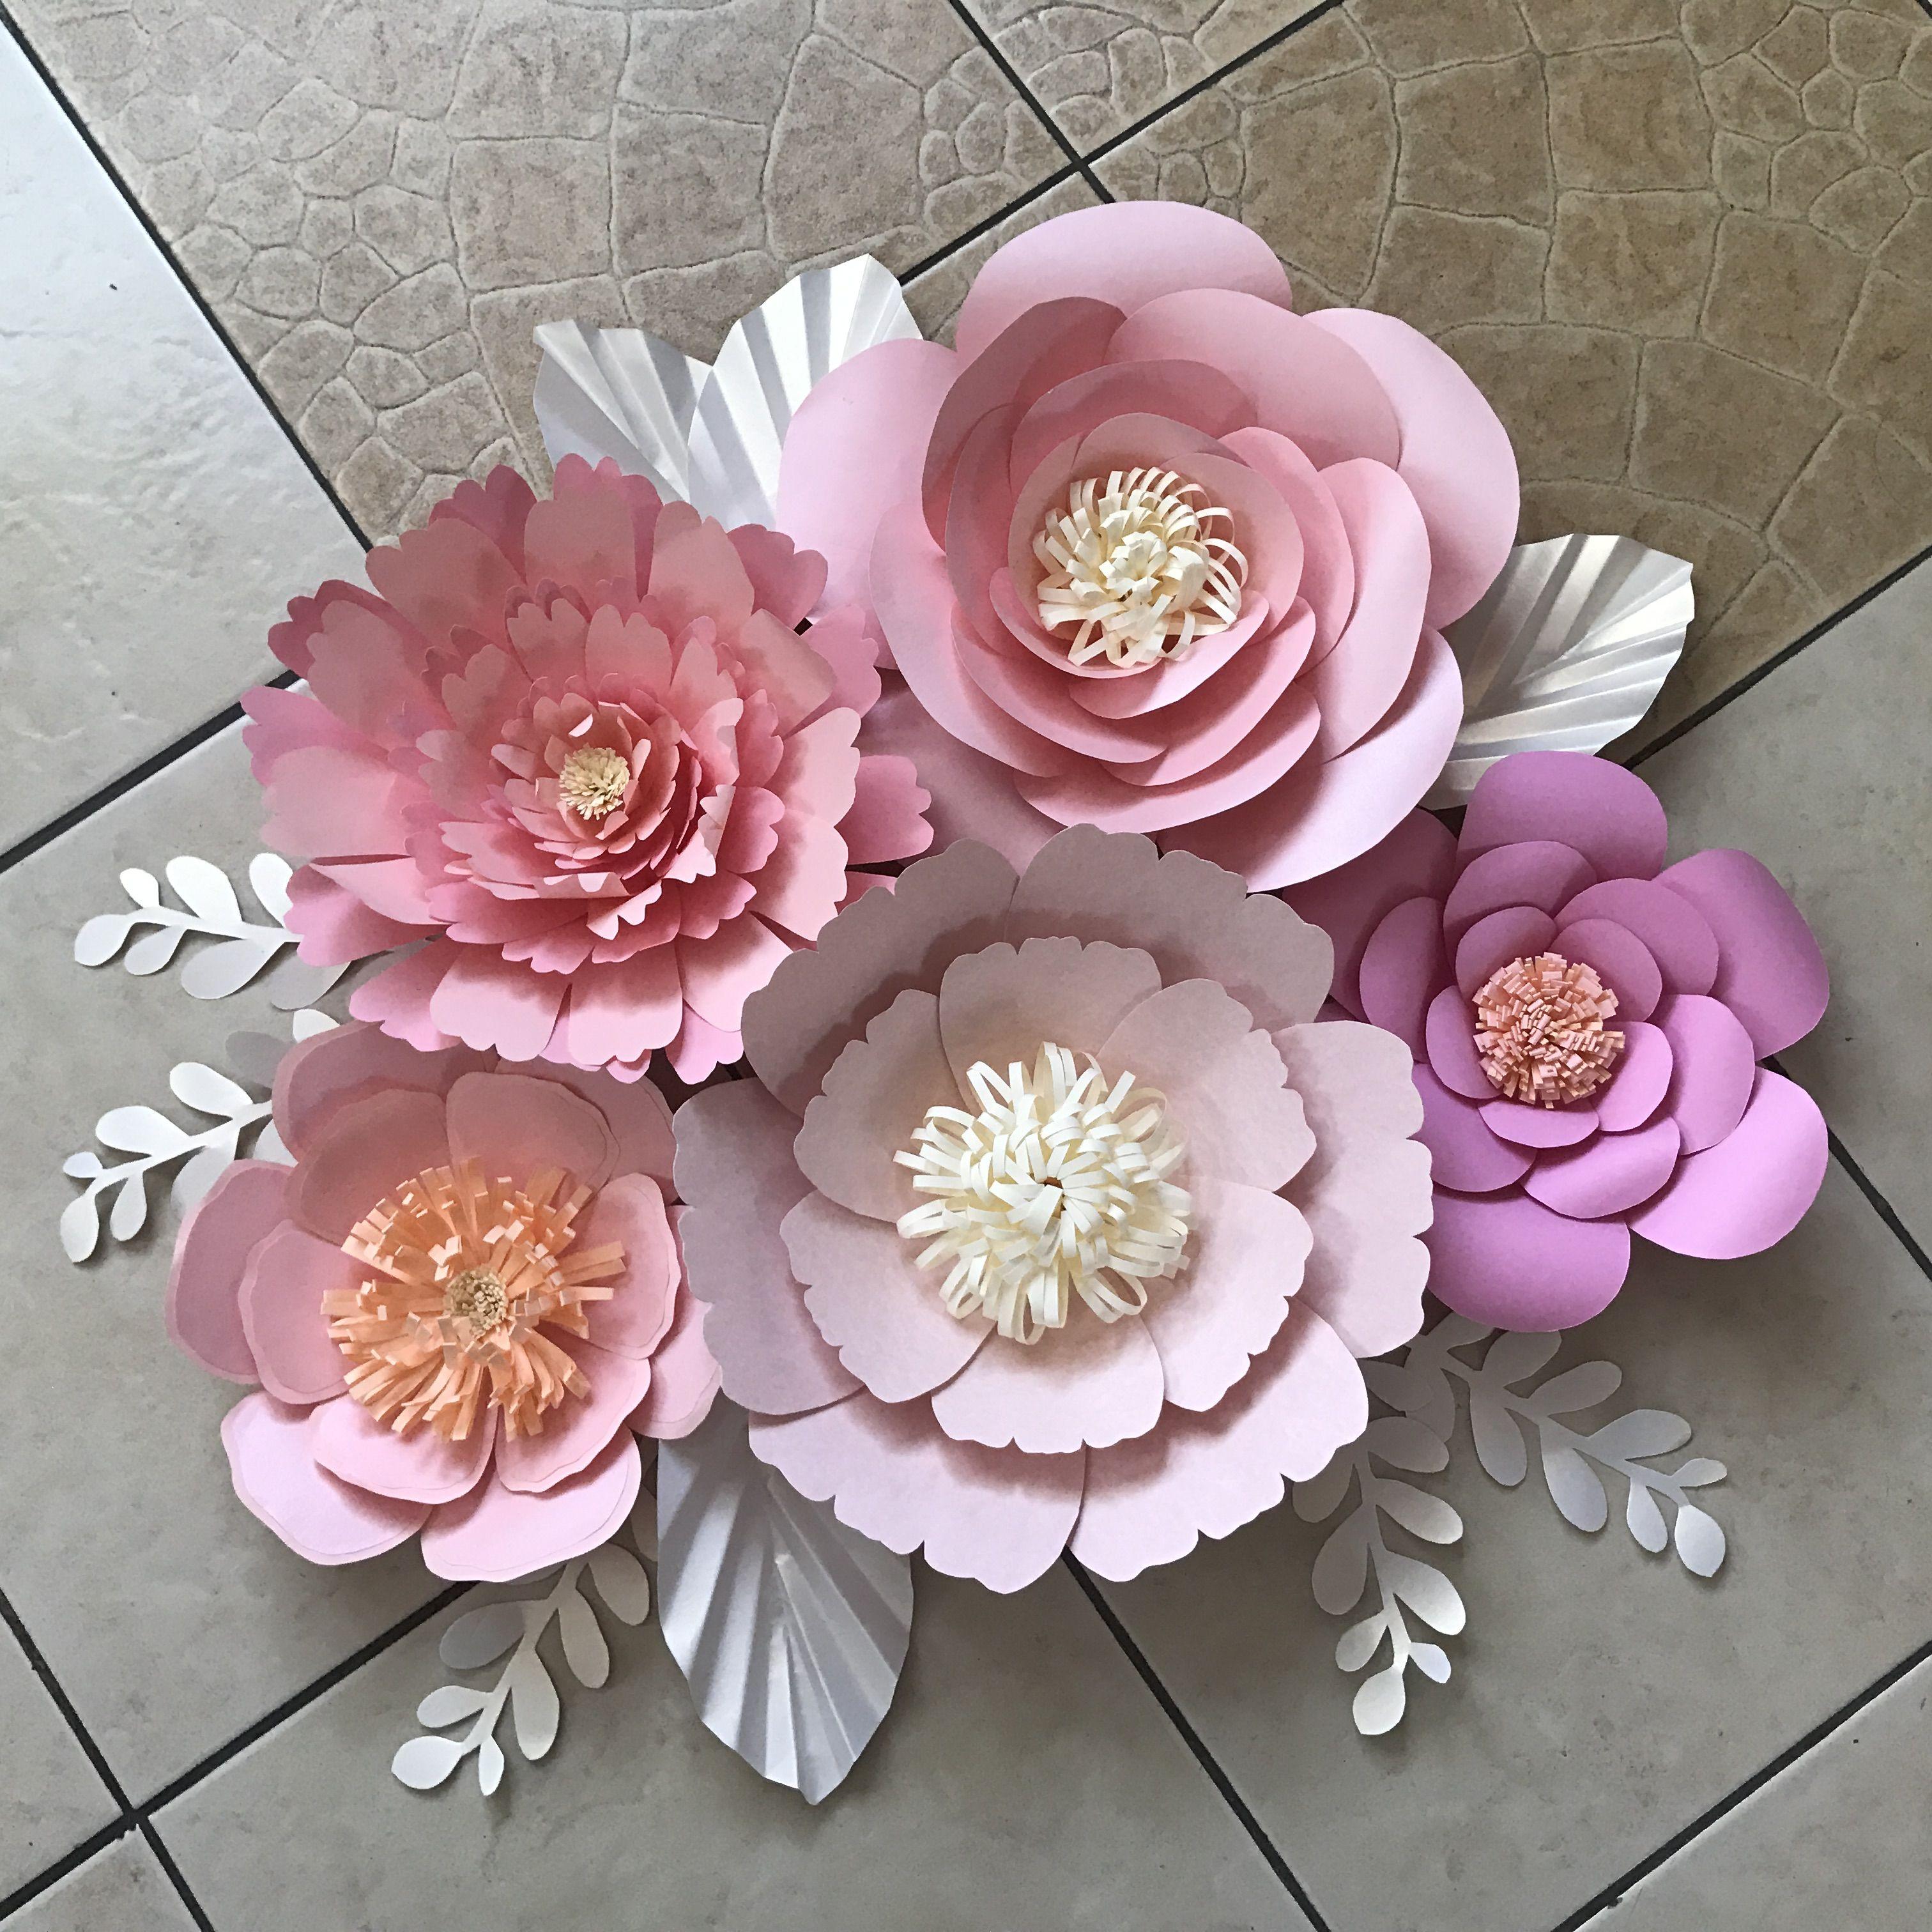 можно сделать красивые бумажные цветы картинки это